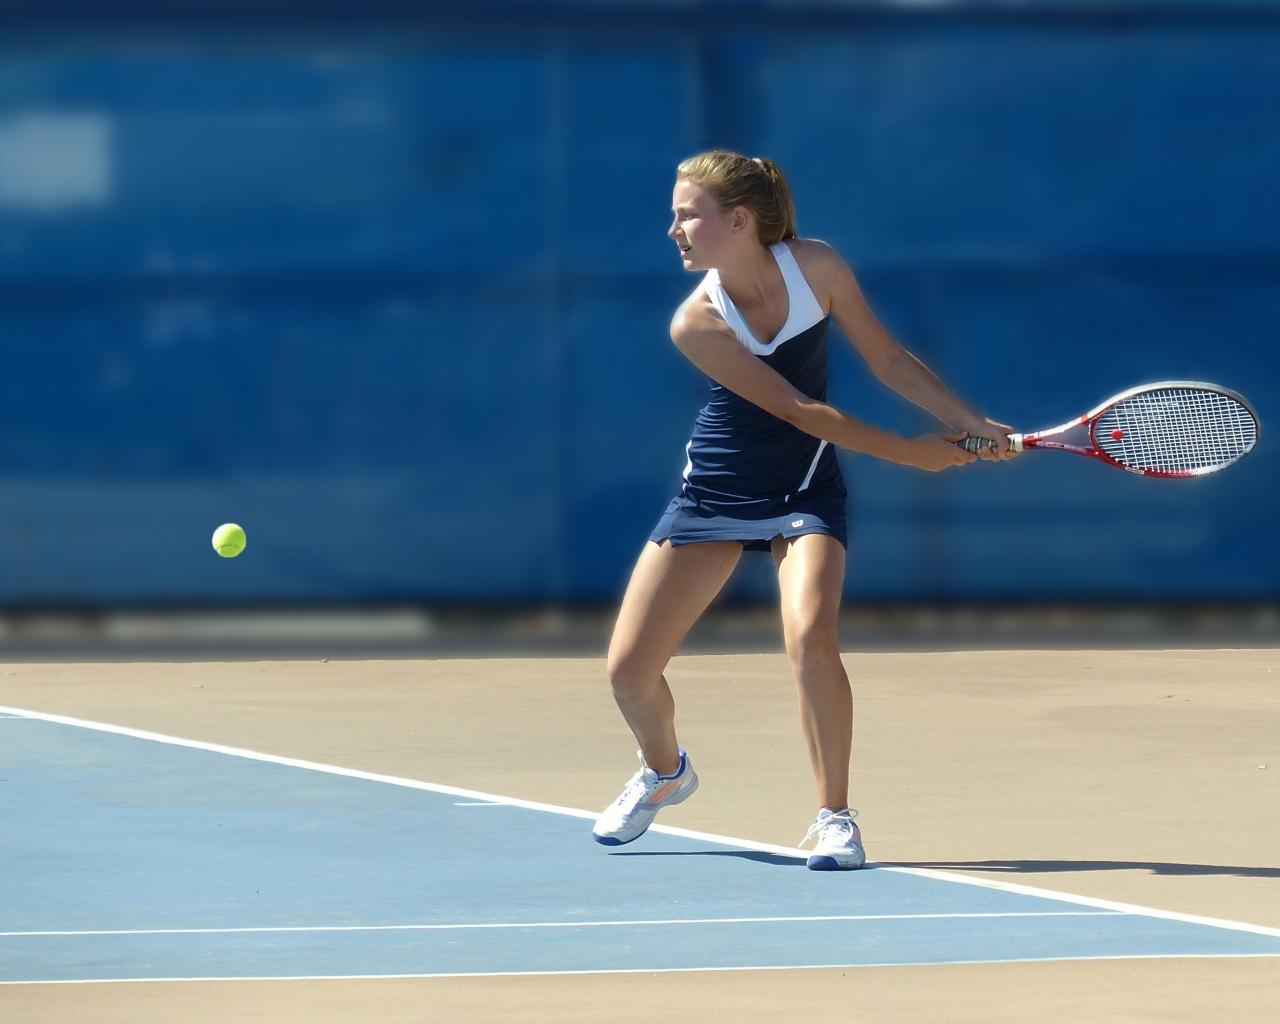 Chicas jugando tenis - 1280x1024